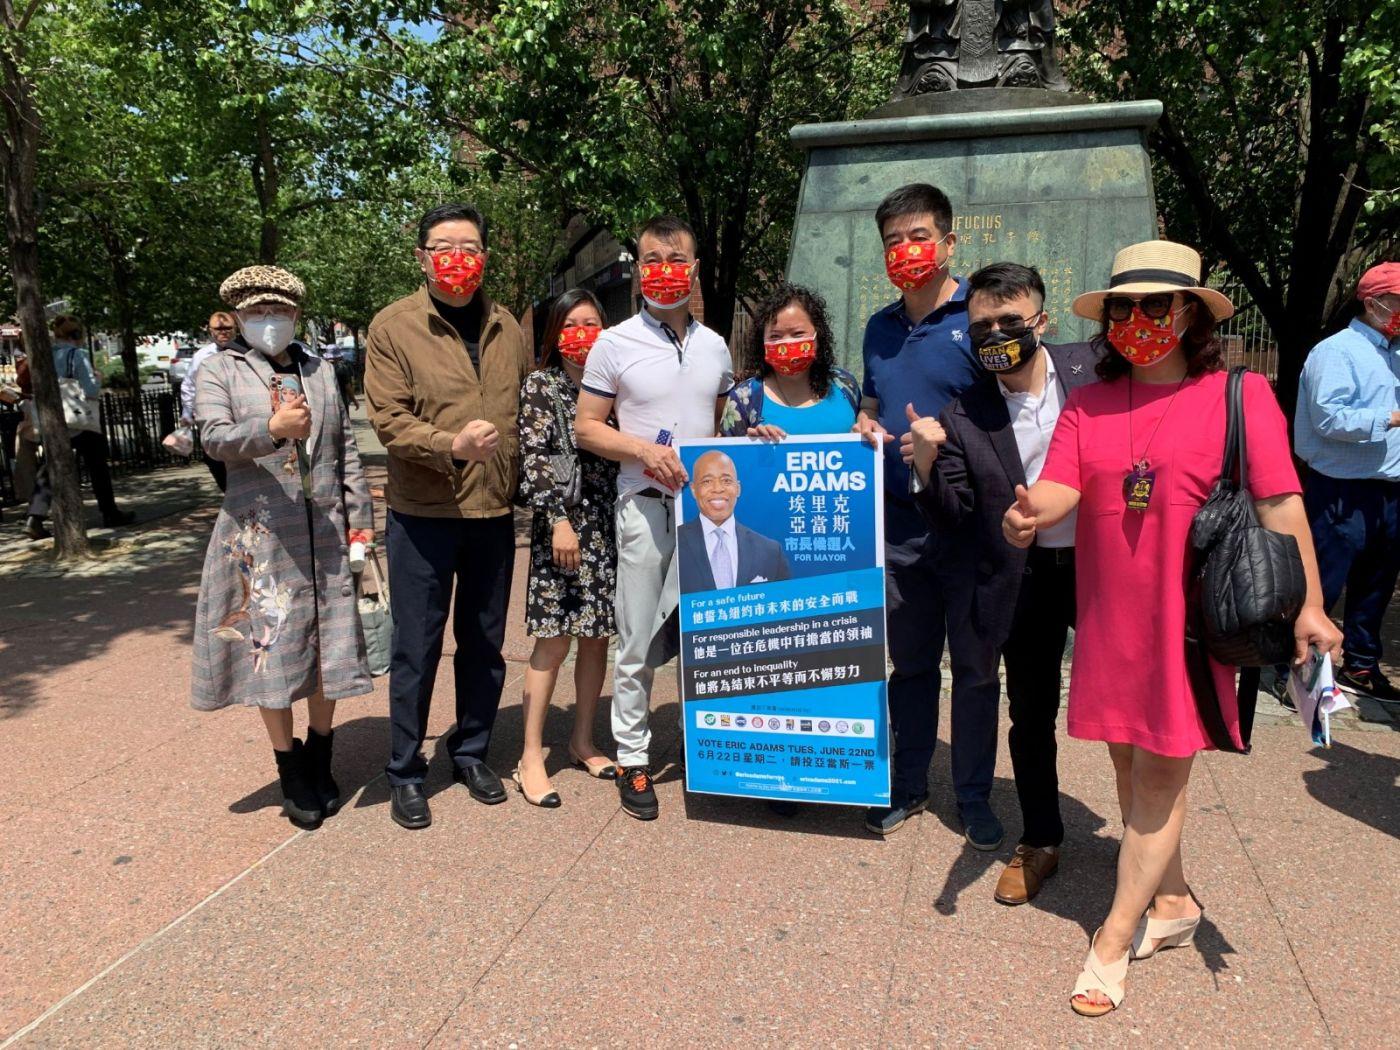 高娓娓:纽约市长竞选人亚当斯拜访唐人街社区民众_图1-4